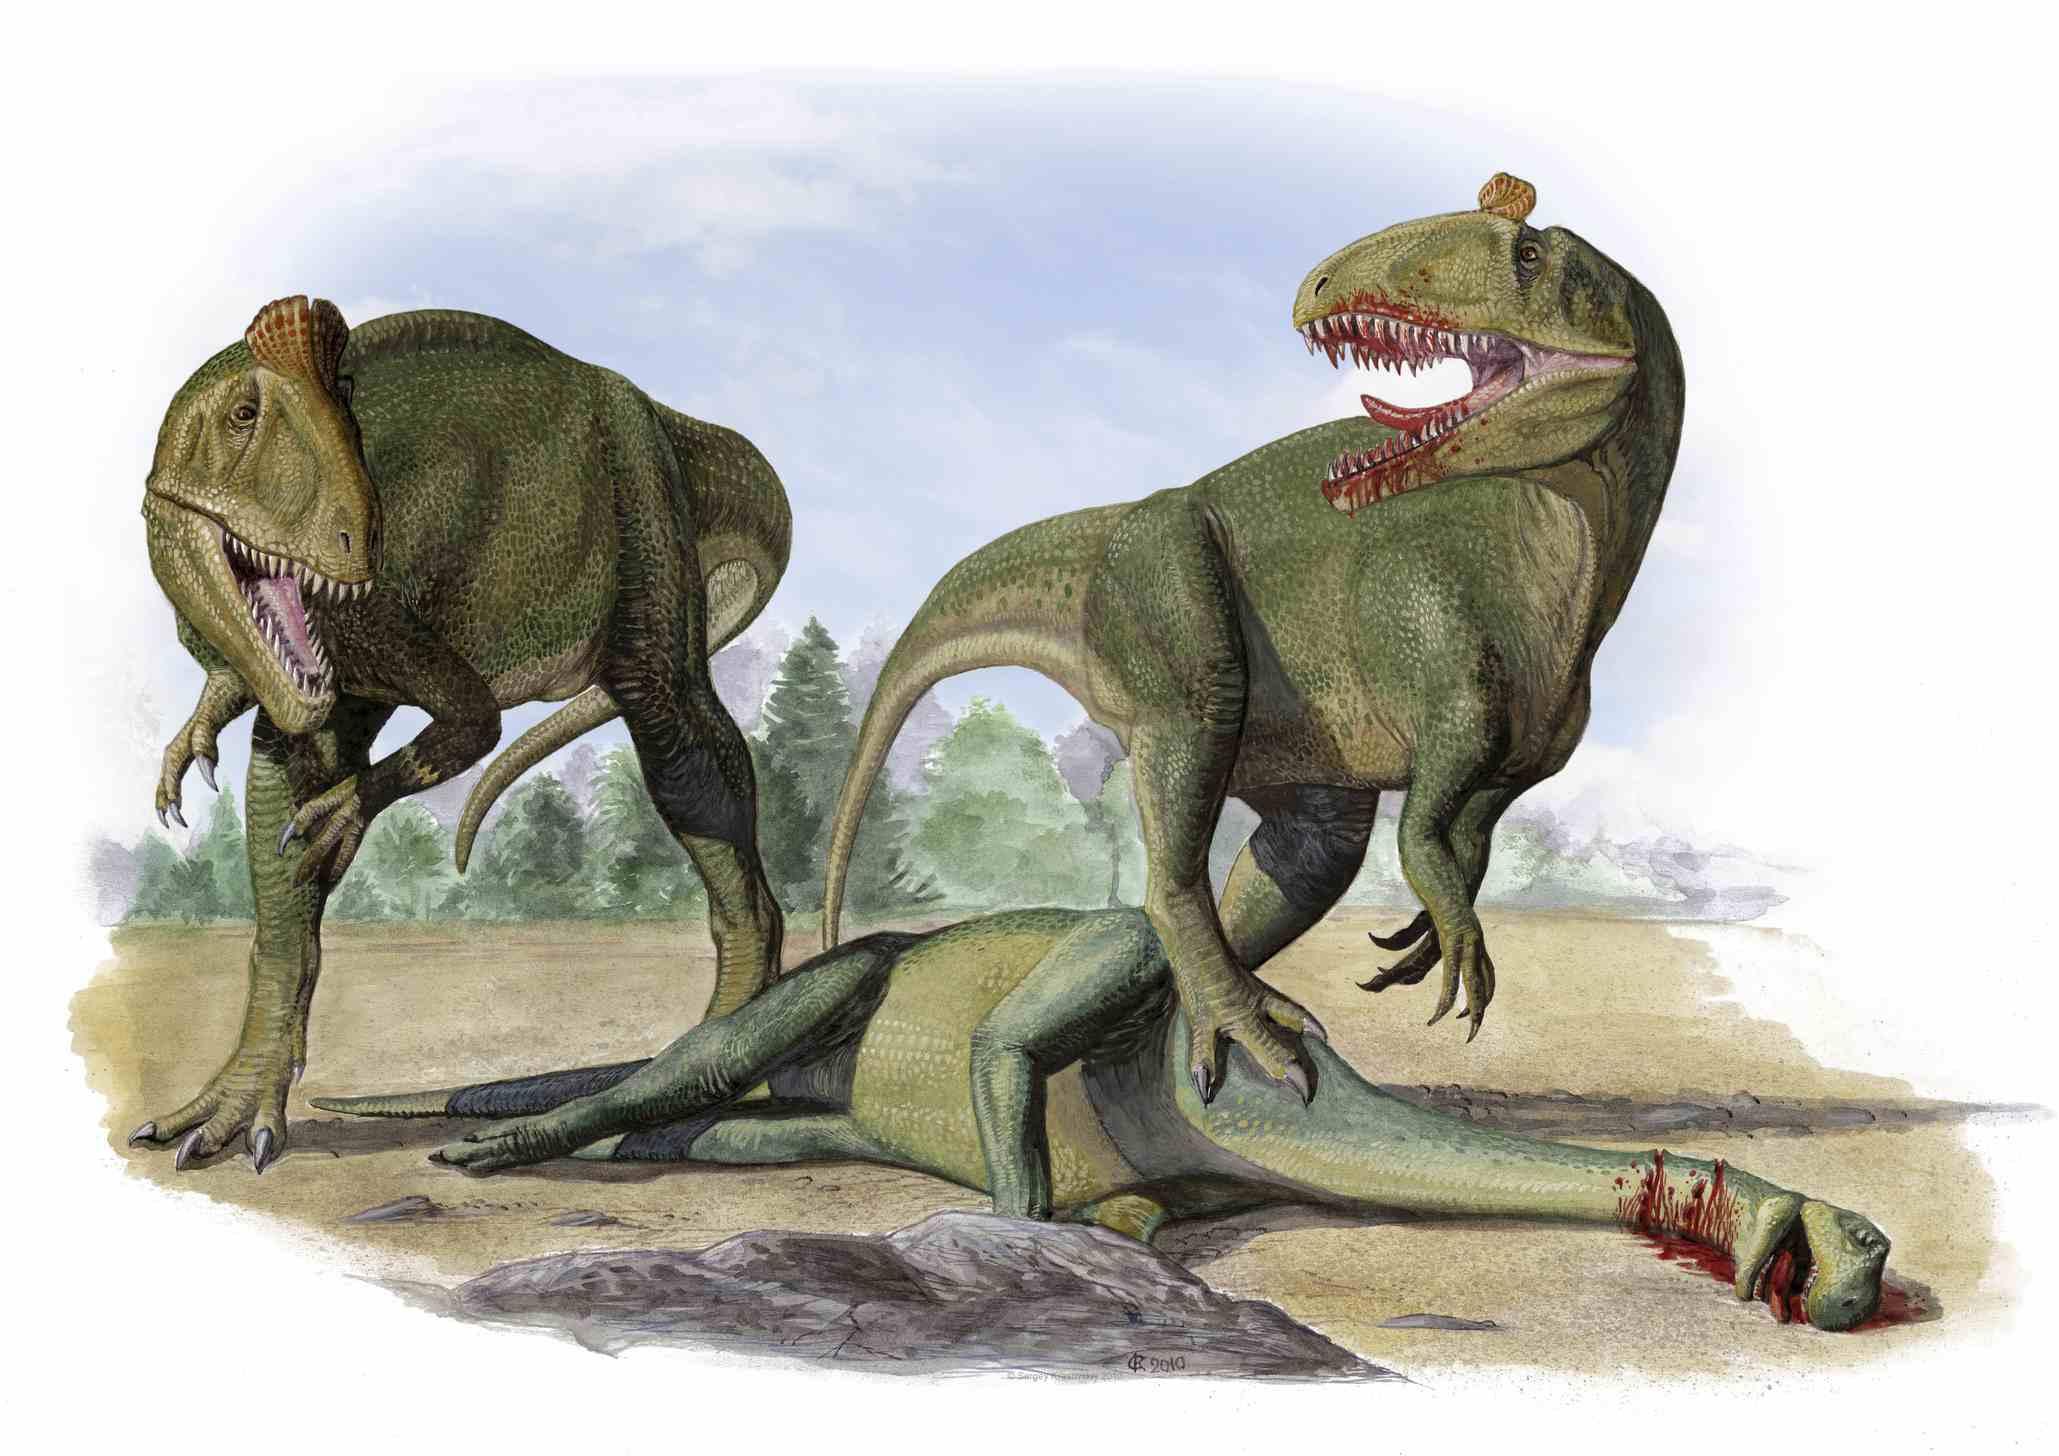 Cryolophosaurus ellioti dinosaurs over the dead body of an prosauropod dinosaur